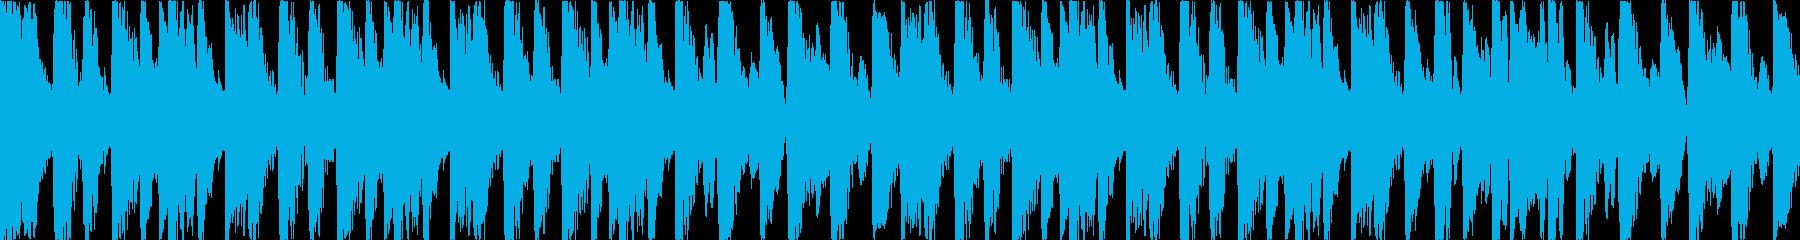 【ループB】ゴキゲンなスウィングをダンスの再生済みの波形